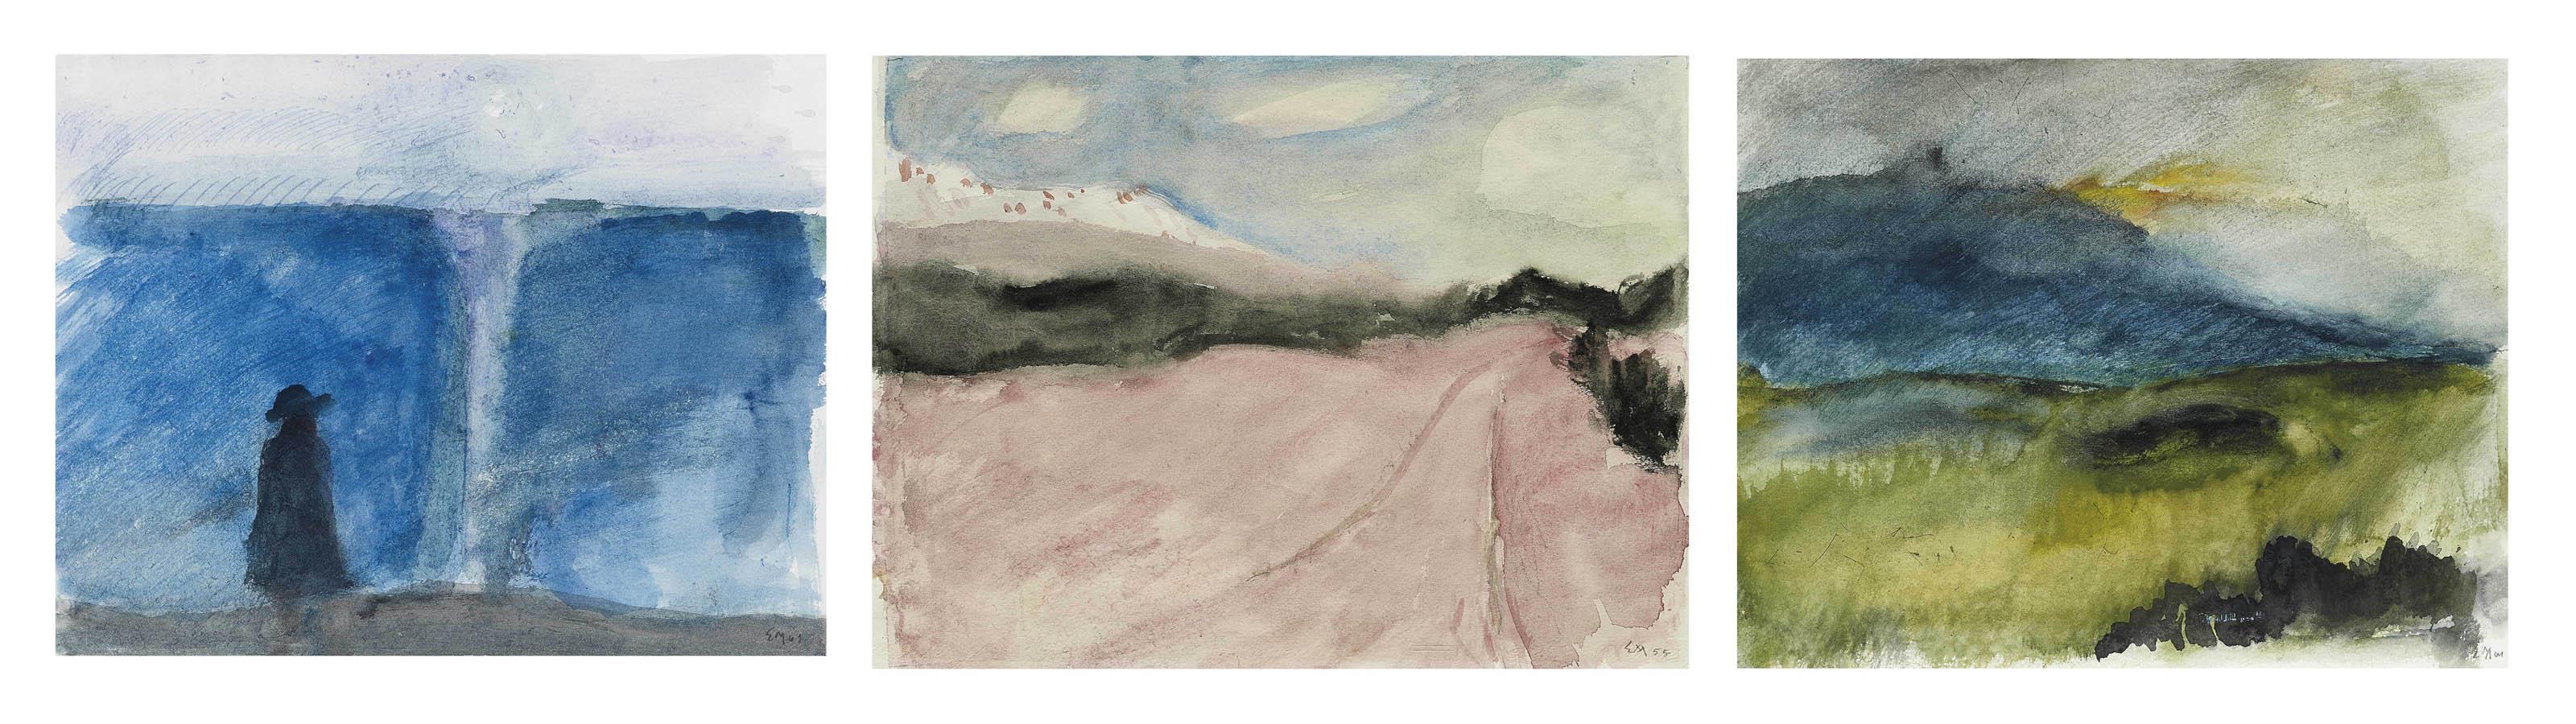 Sammelnummer von drei Werken: Am Meer, 1961  Fuorn, 1955  Sardinien, 1961